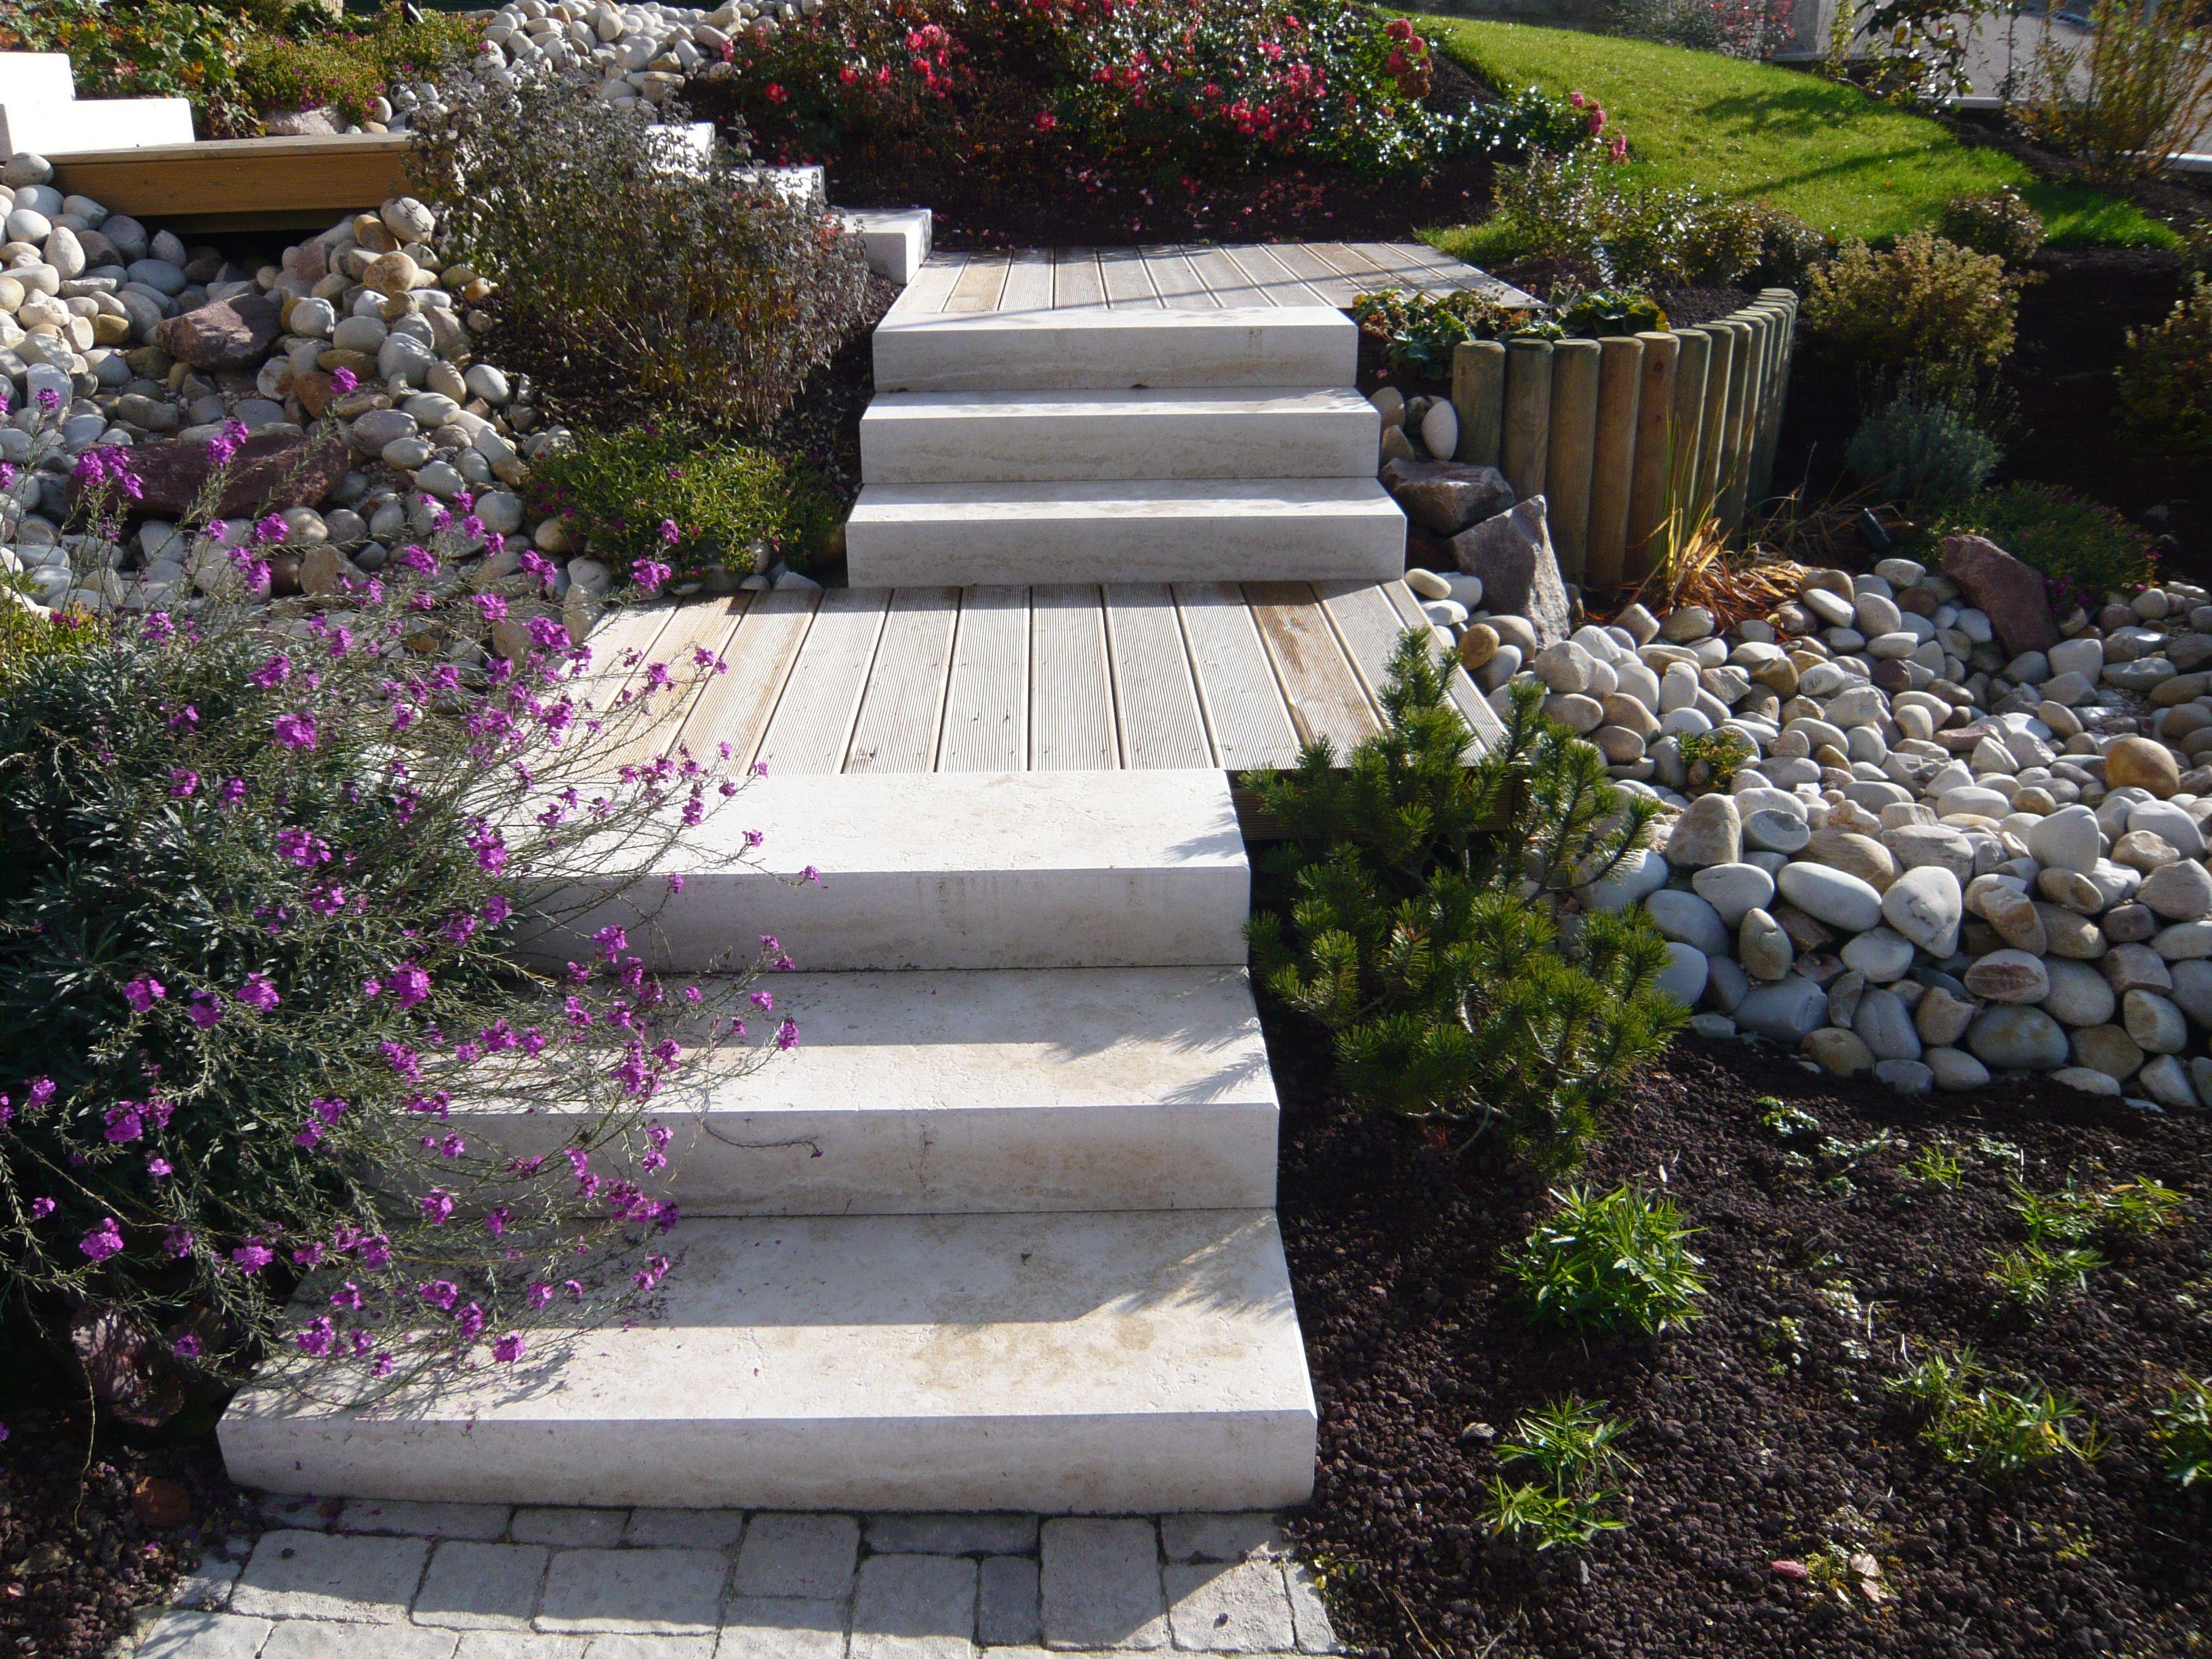 Rebeyrol Createur De Jardins Amenagement De Jardin Limoges Escalier Escalier Exterieur Amena Amenagement Jardin Entretien Jardin Entree De Maison Exterieur